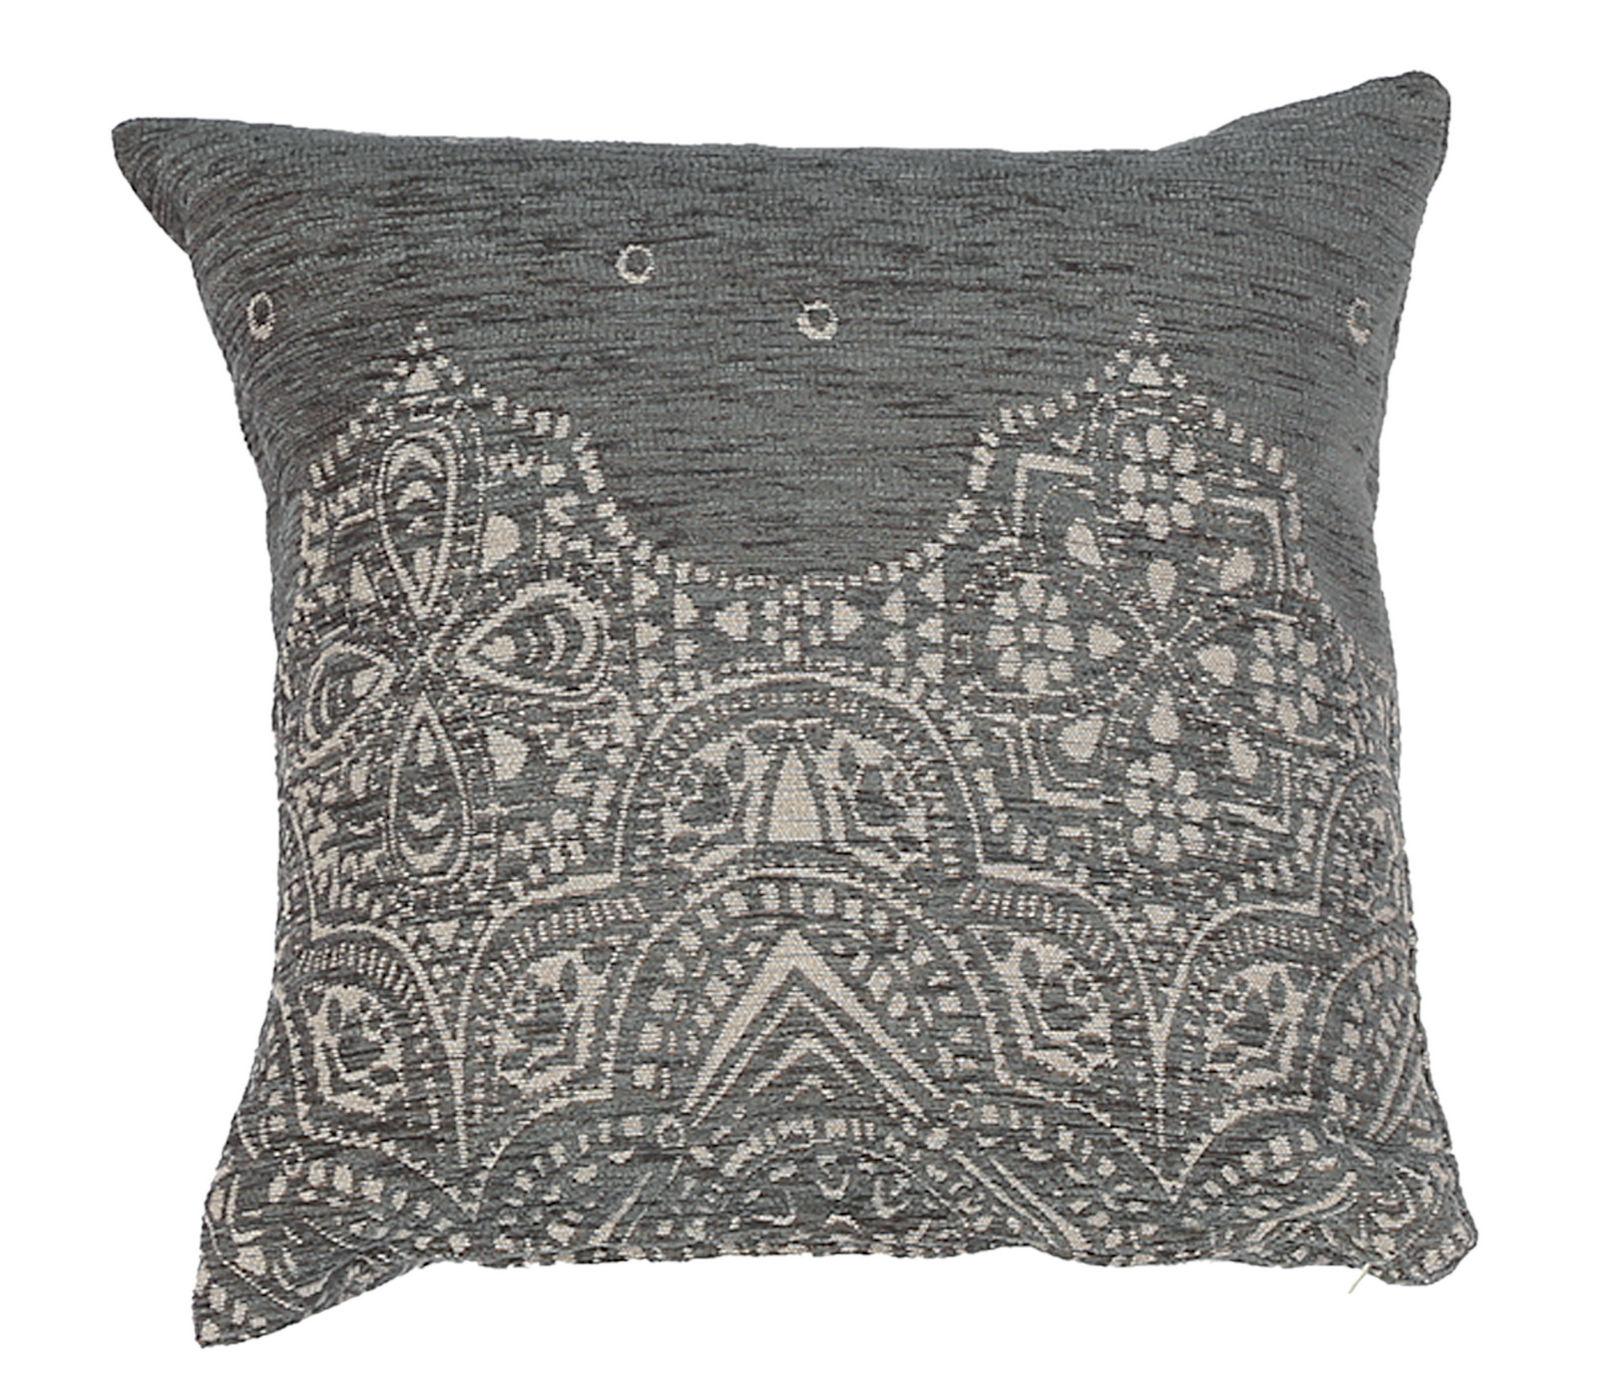 Διακοσμητικό Μαξιλάρι 42×42 Nef Nef Ζακαρ Vellore Winter Grey